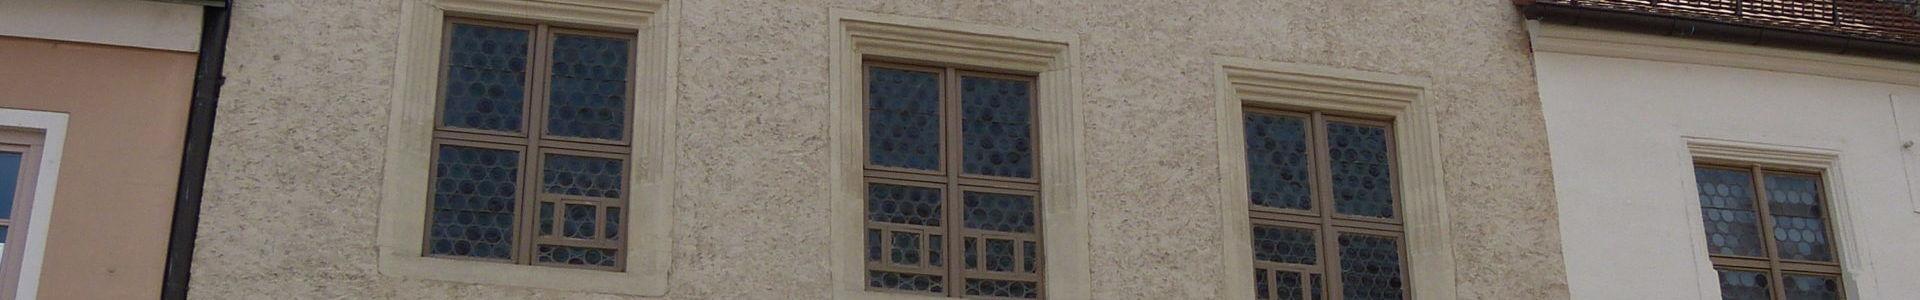 Sehenswürdigkeit Melanchthonhaus